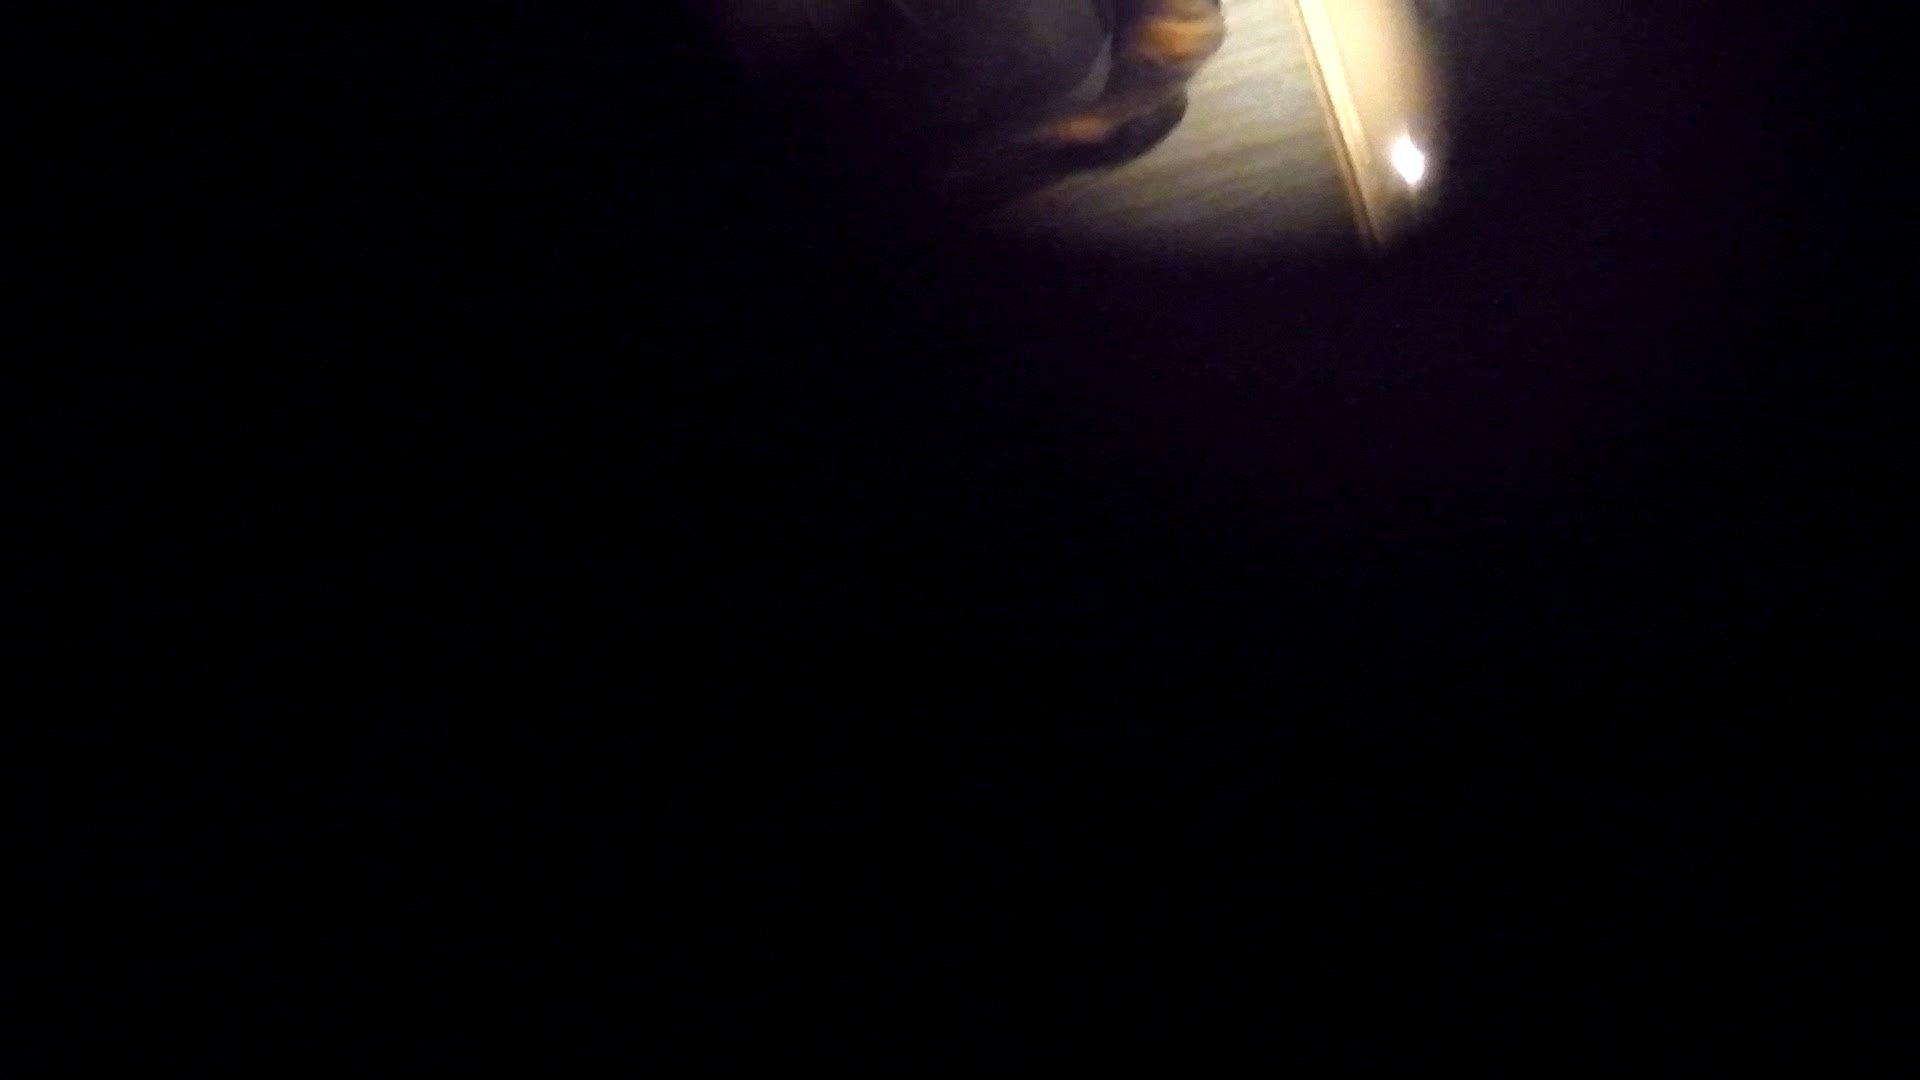 阿国ちゃんの「和式洋式七変化」No.9 お姉さんのSEX ぱこり動画紹介 98枚 16